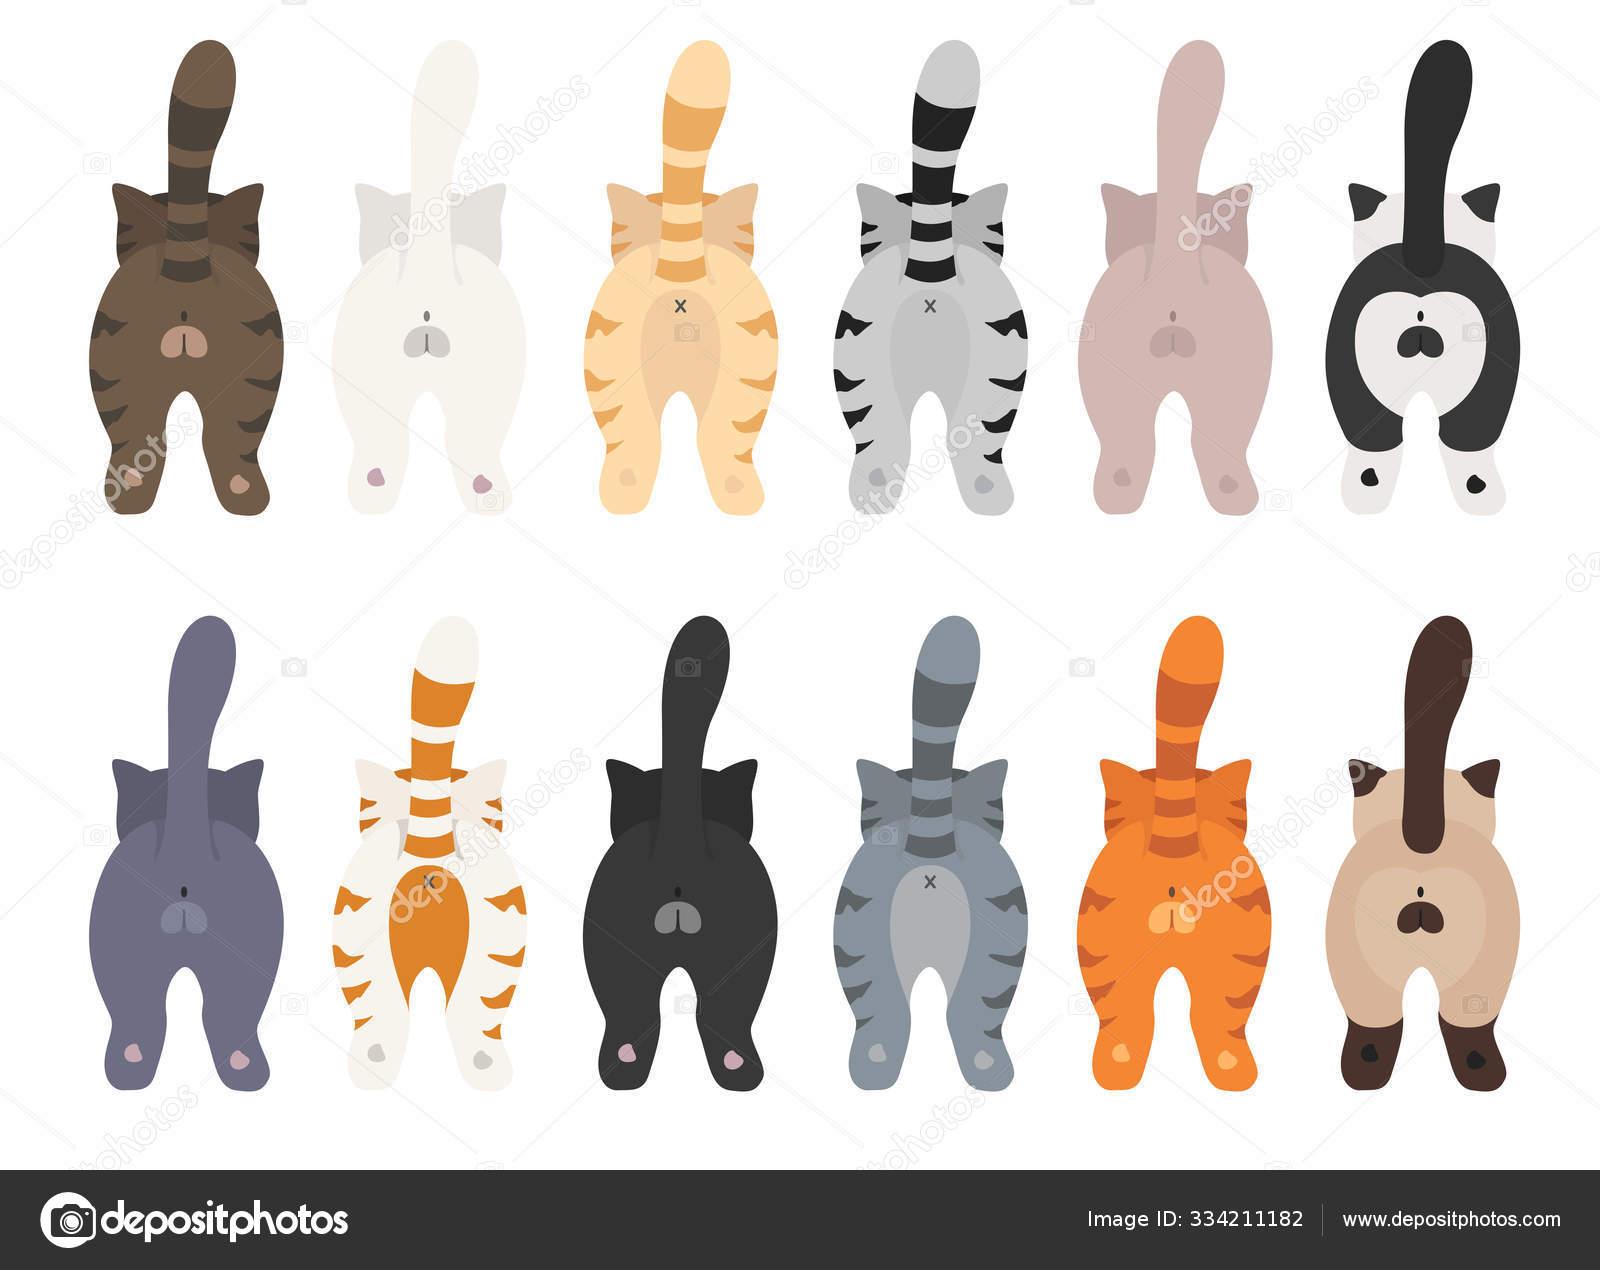 kucing berpose di belakang pantat kucing clipart desain rata stok vektor c a7880s 334211182 https id depositphotos com 334211182 stock illustration cats poses behind cats butts html